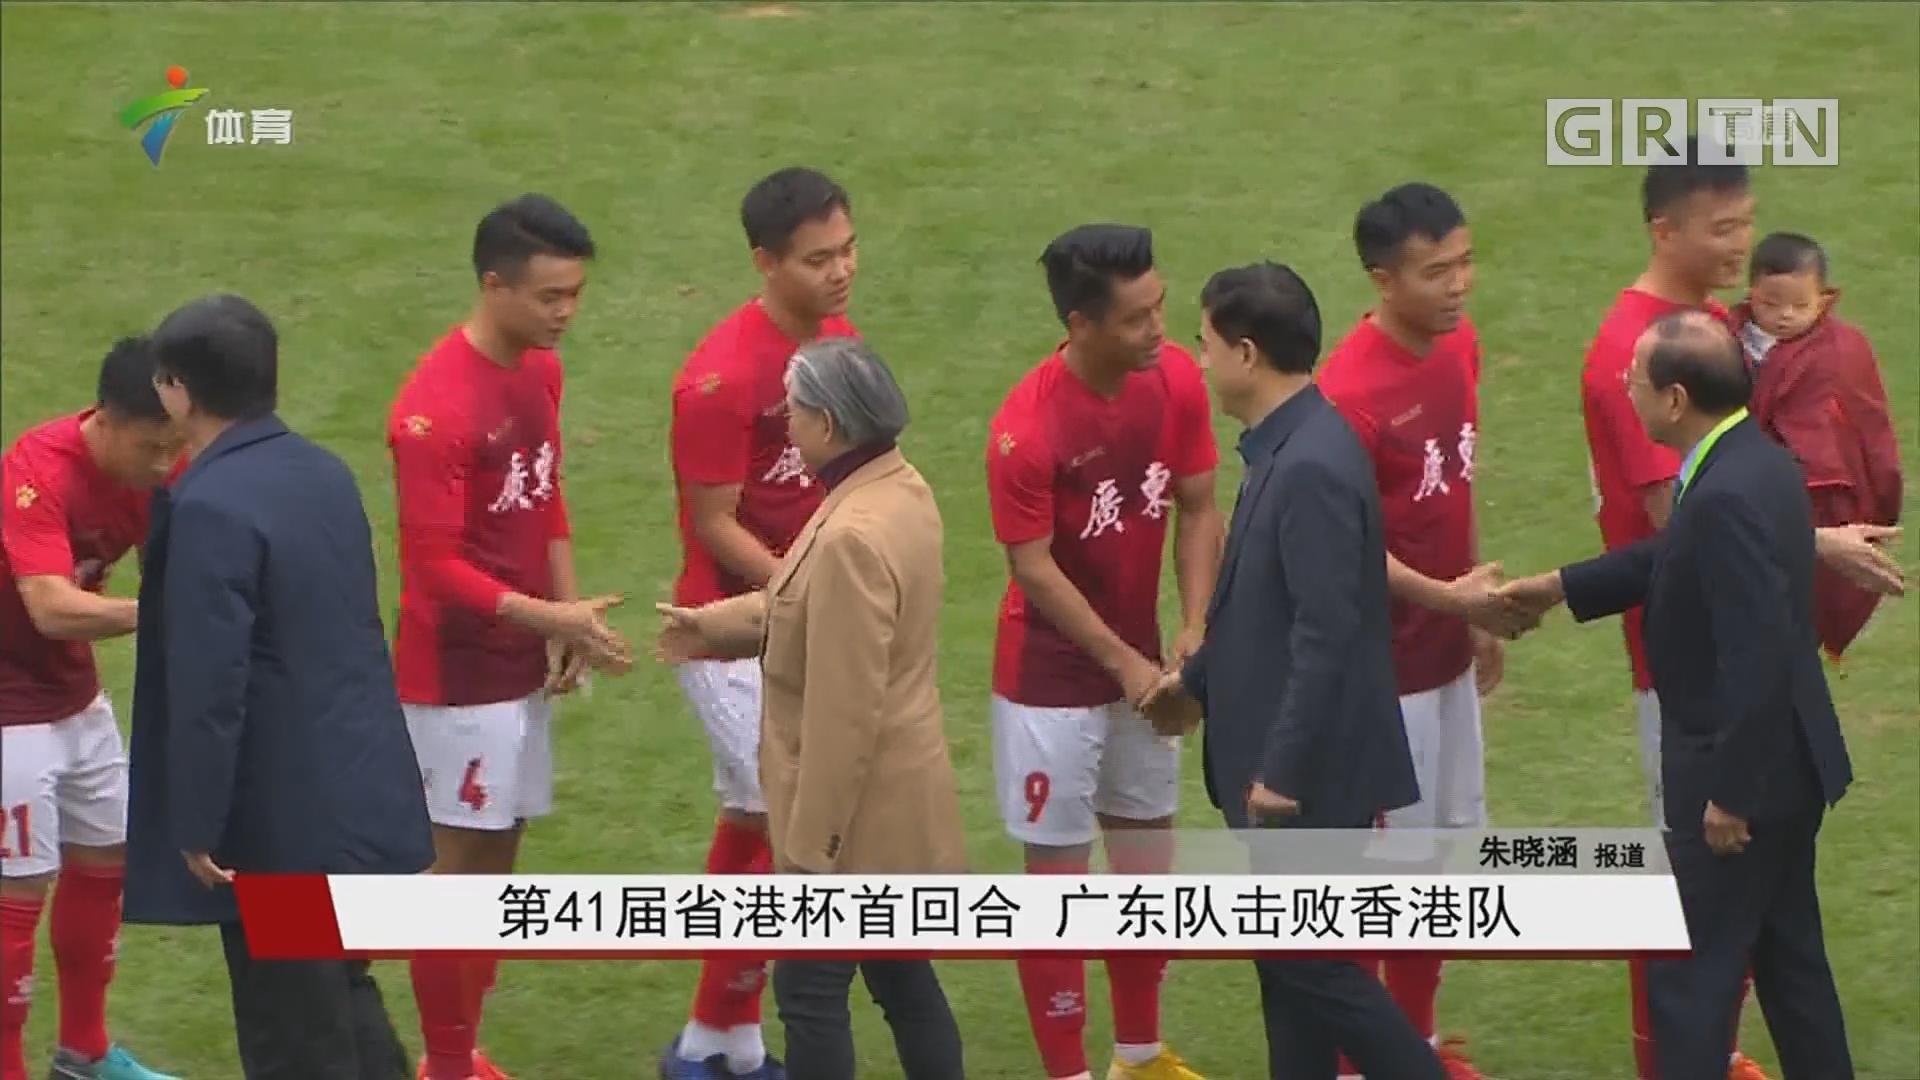 第41届省港杯首回合 广东队击败香港队